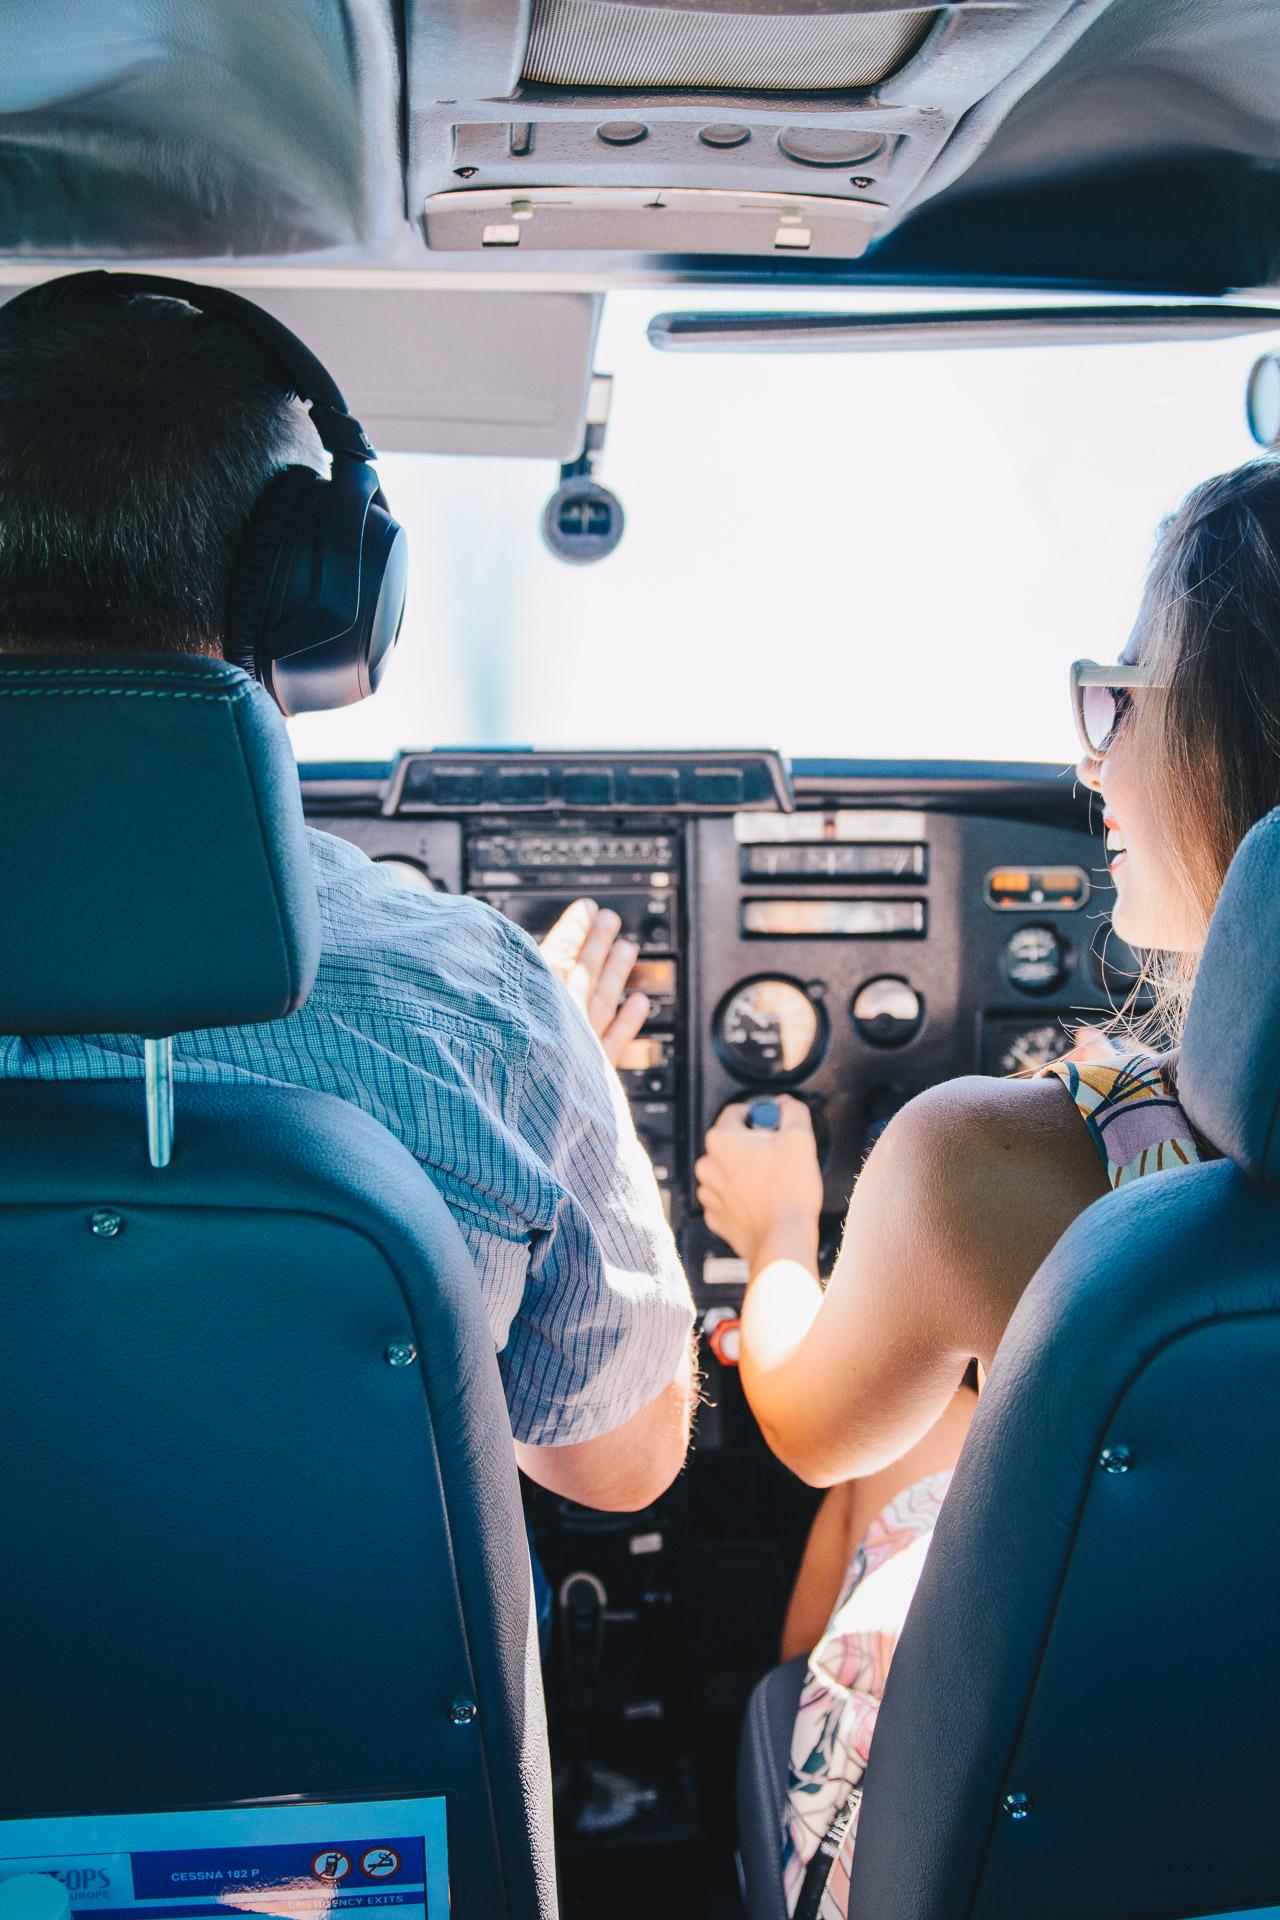 Having fun piloting aircraft